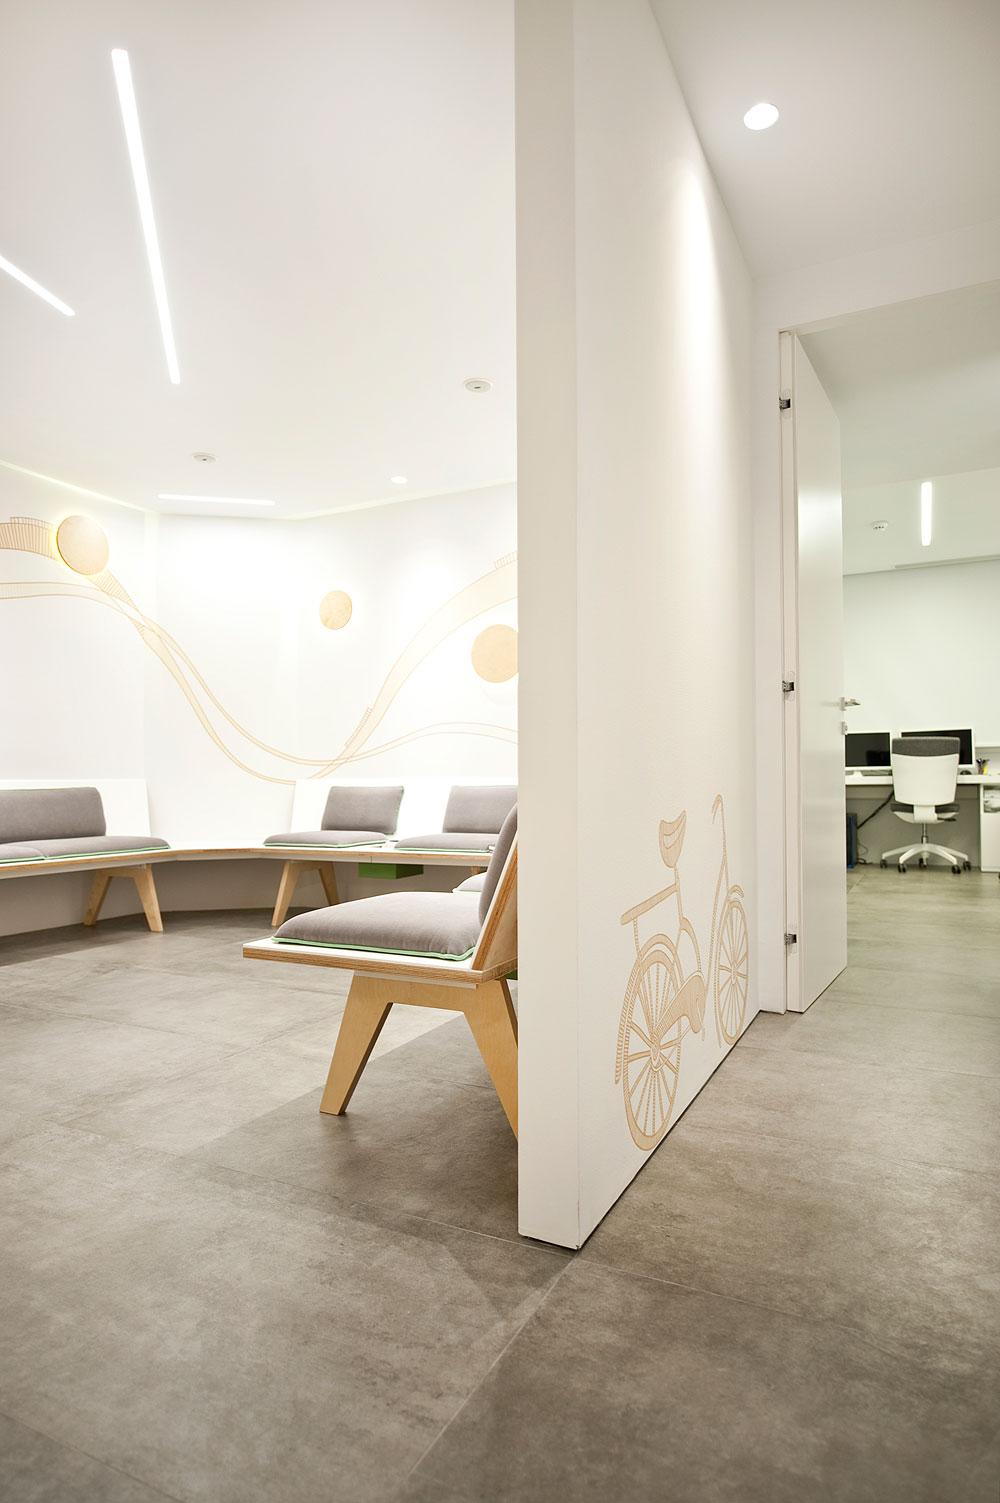 consultorio-medico-tesalonica-mal-vi-architects (21)